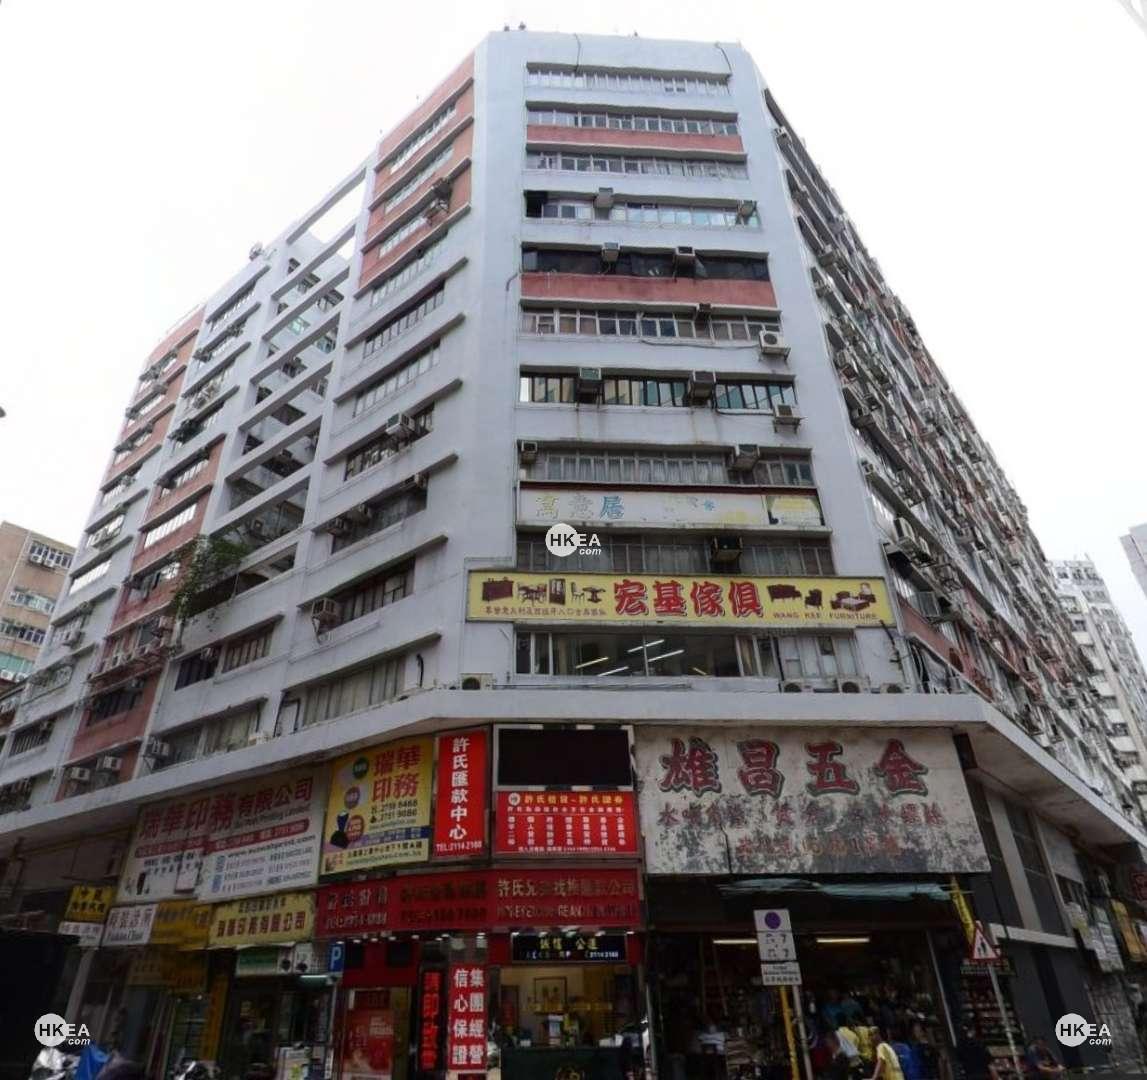 九龍灣 工商舖 九龍灣工業中心 宏開道 15號